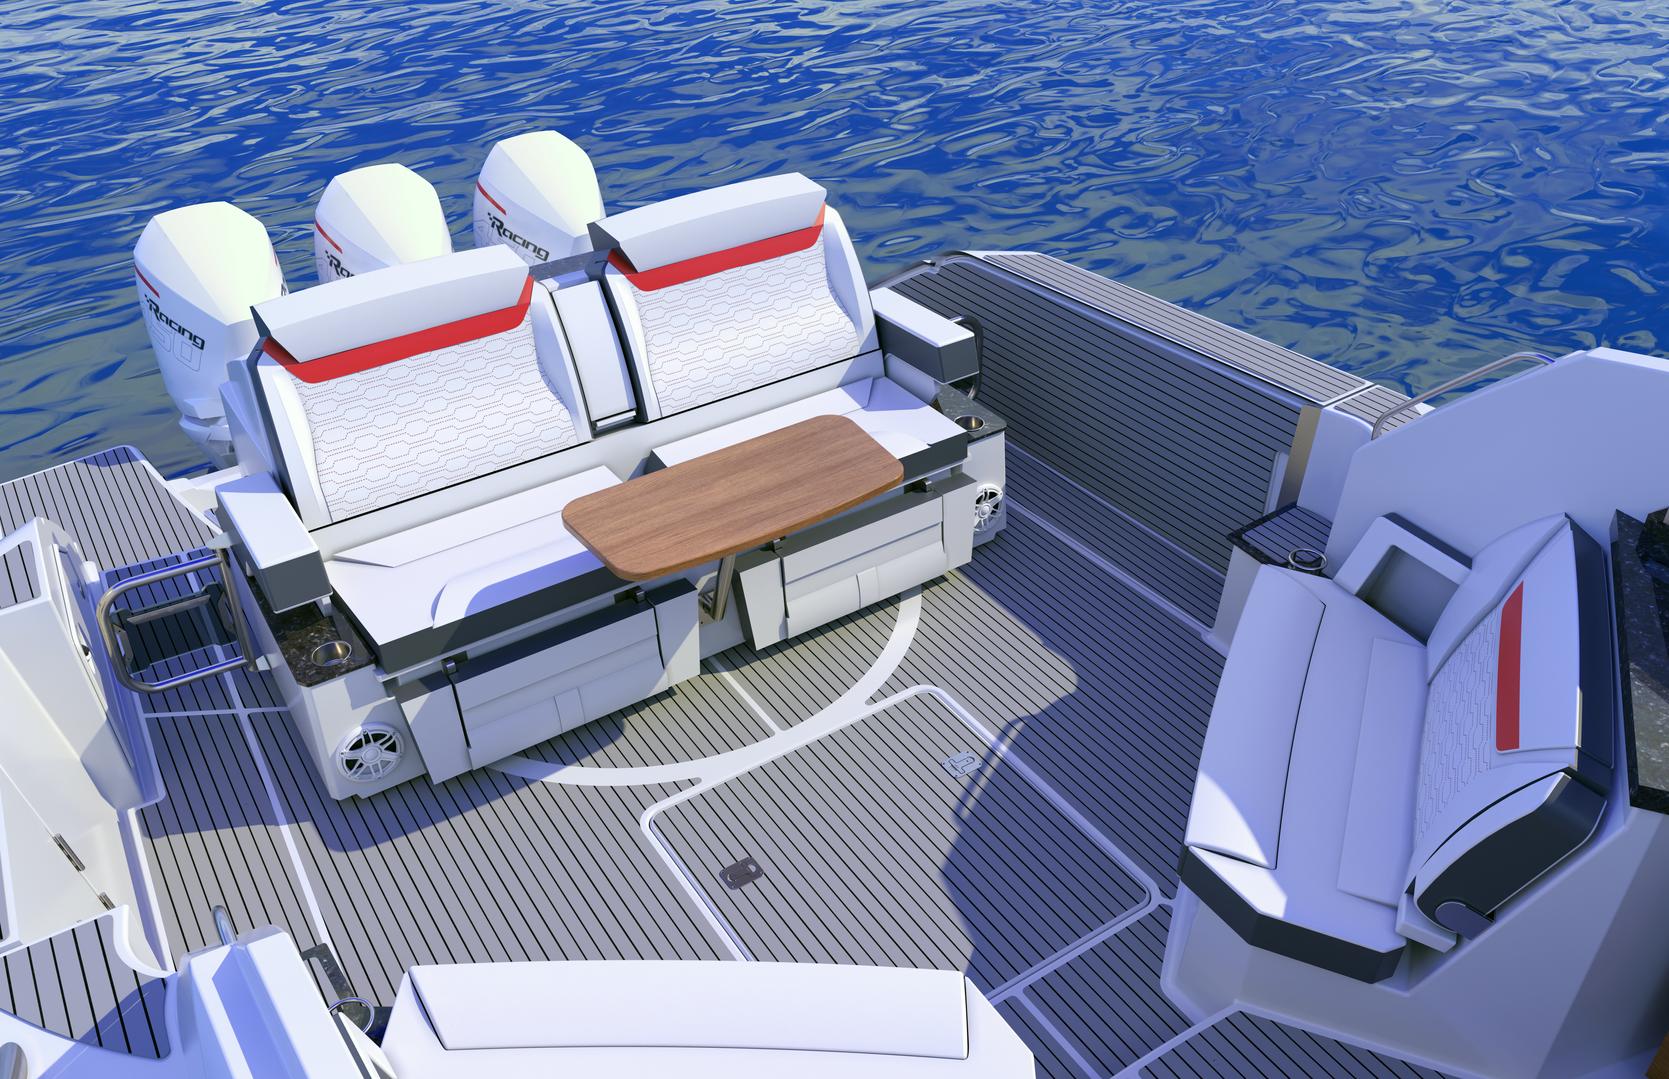 2020-04-17_BC-aft cockpit terrace up_edi